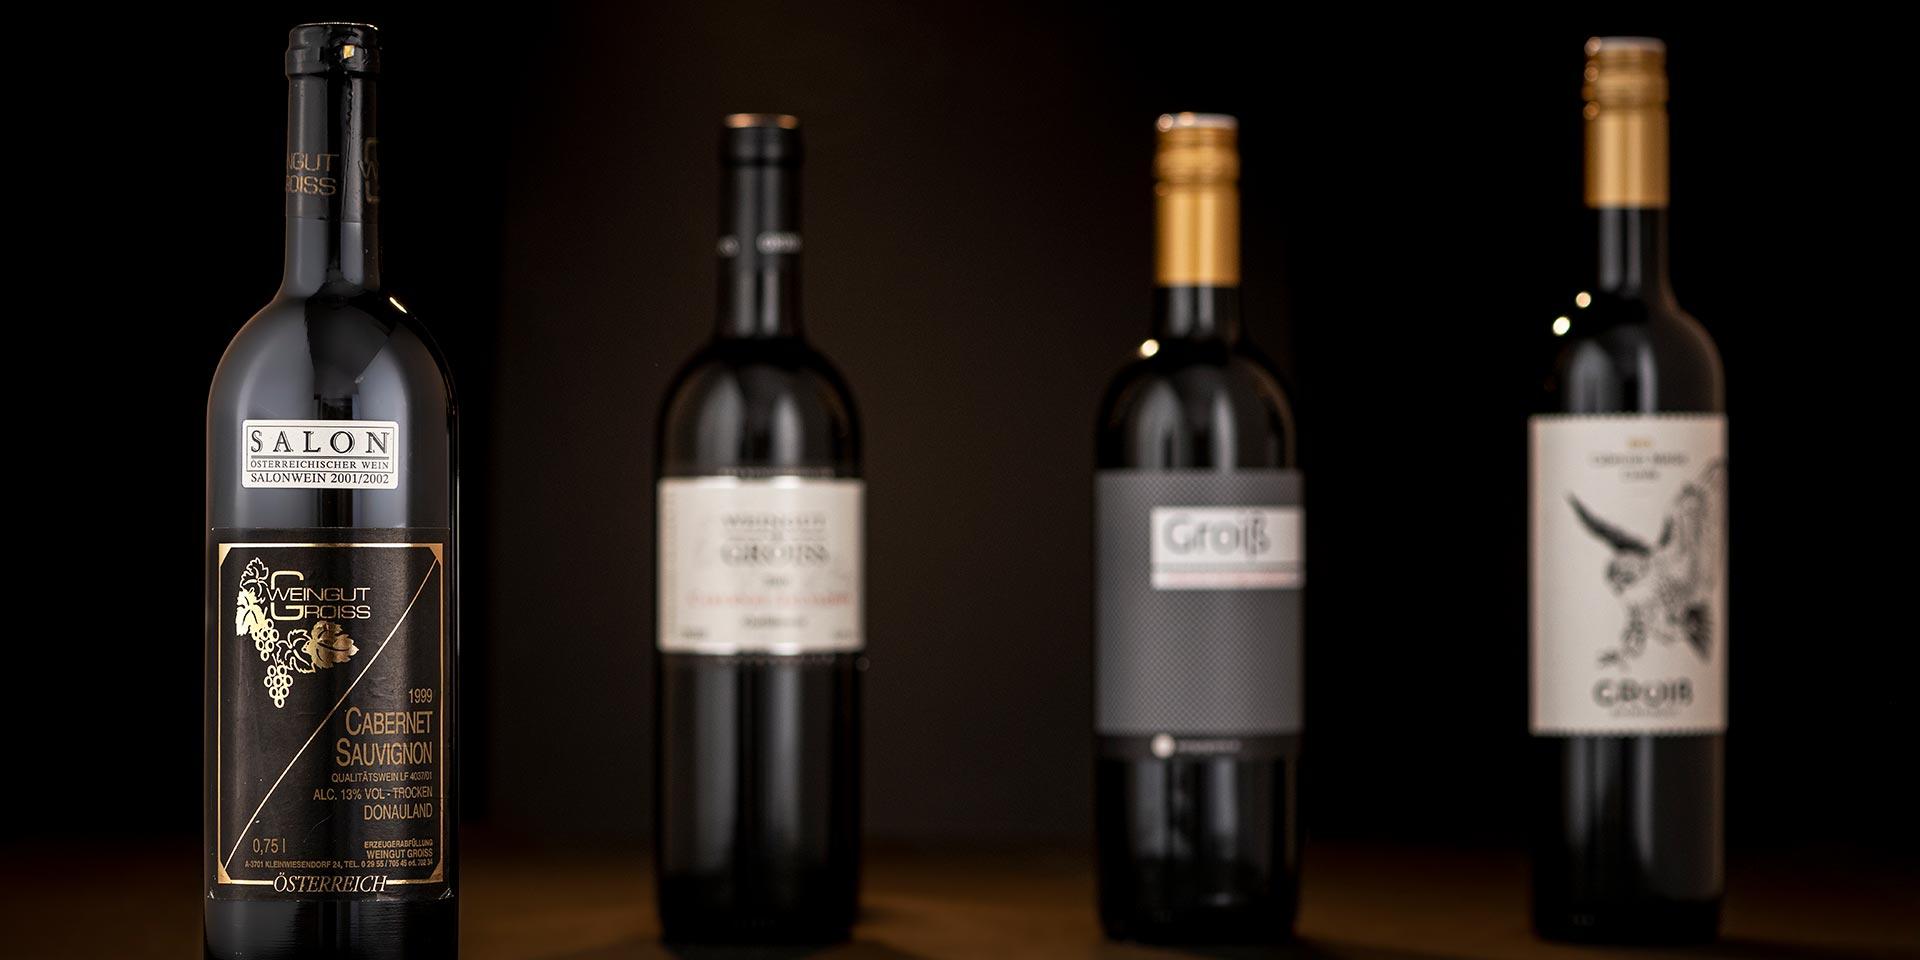 Die Großeltern führten das Winzertum zur Qualität, u.a. mit dem Eintritt in den Salon österreichischer Weine, der uns auch in den nächsten Generationen begleiten sollte.